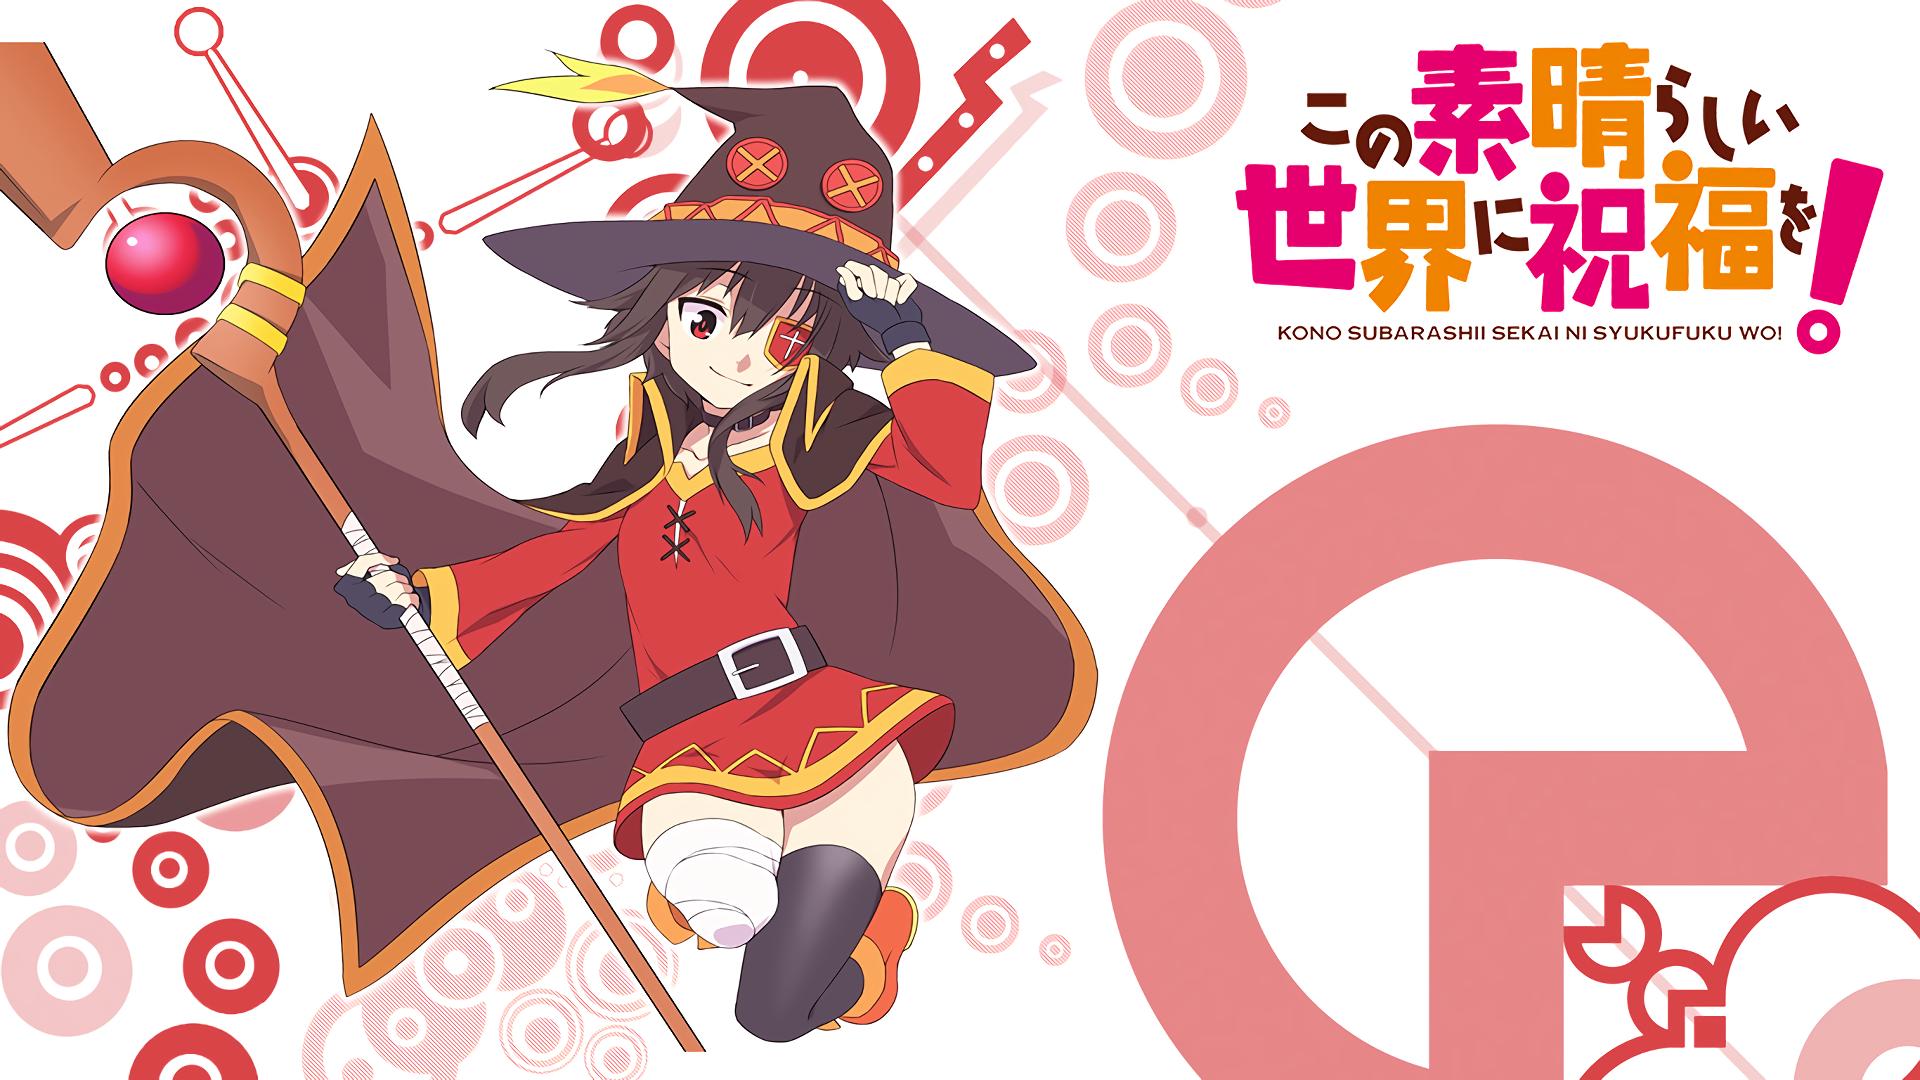 デスクトップ壁紙 図 アニメの女の子 漫画 河北subarashii世界的